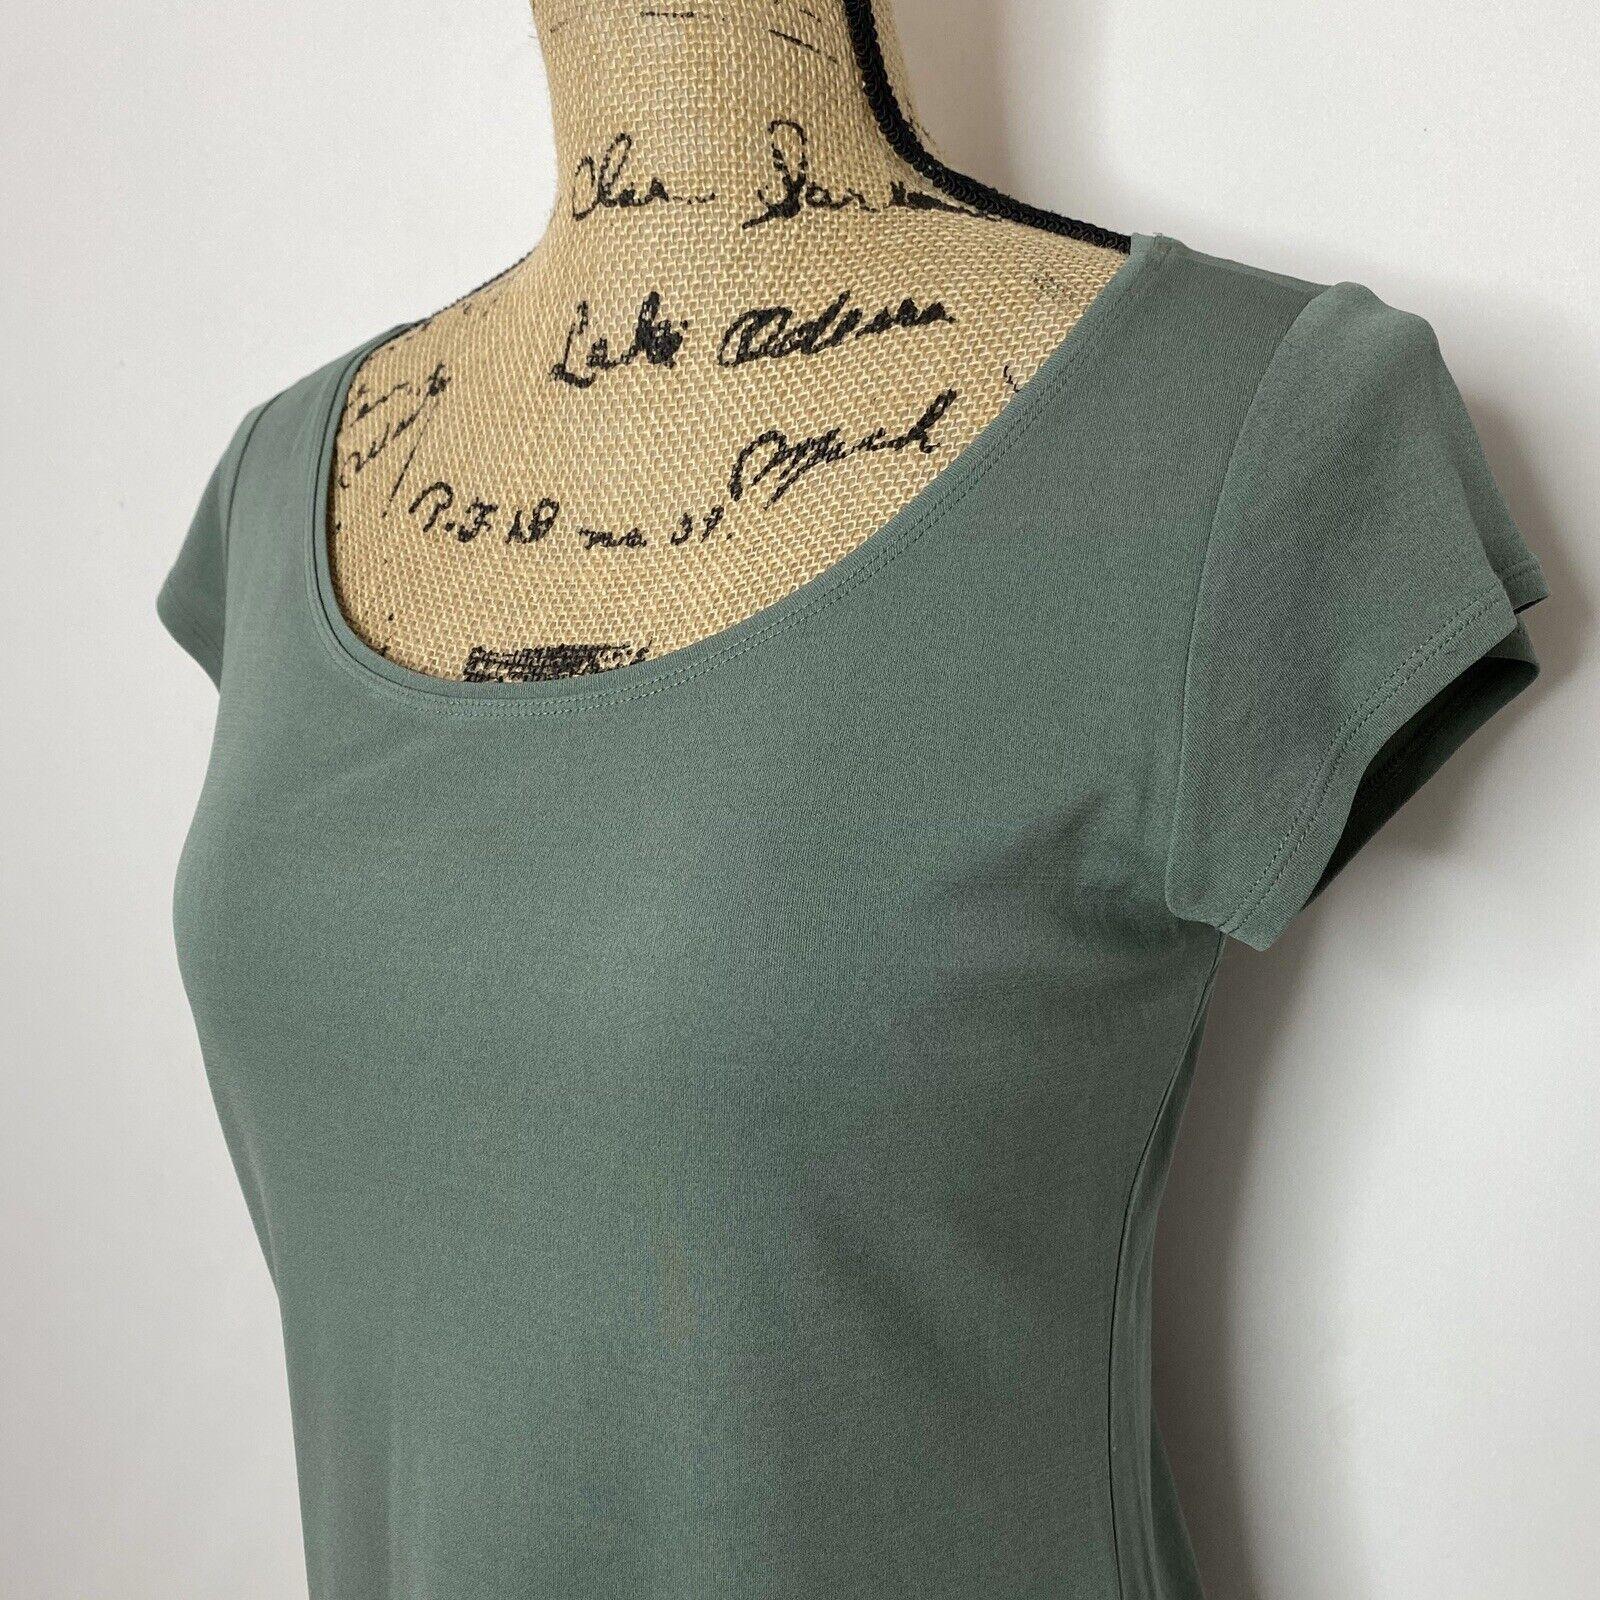 Eileen Fisher Silk Top XS Green Short Sleeve Shirt - image 2